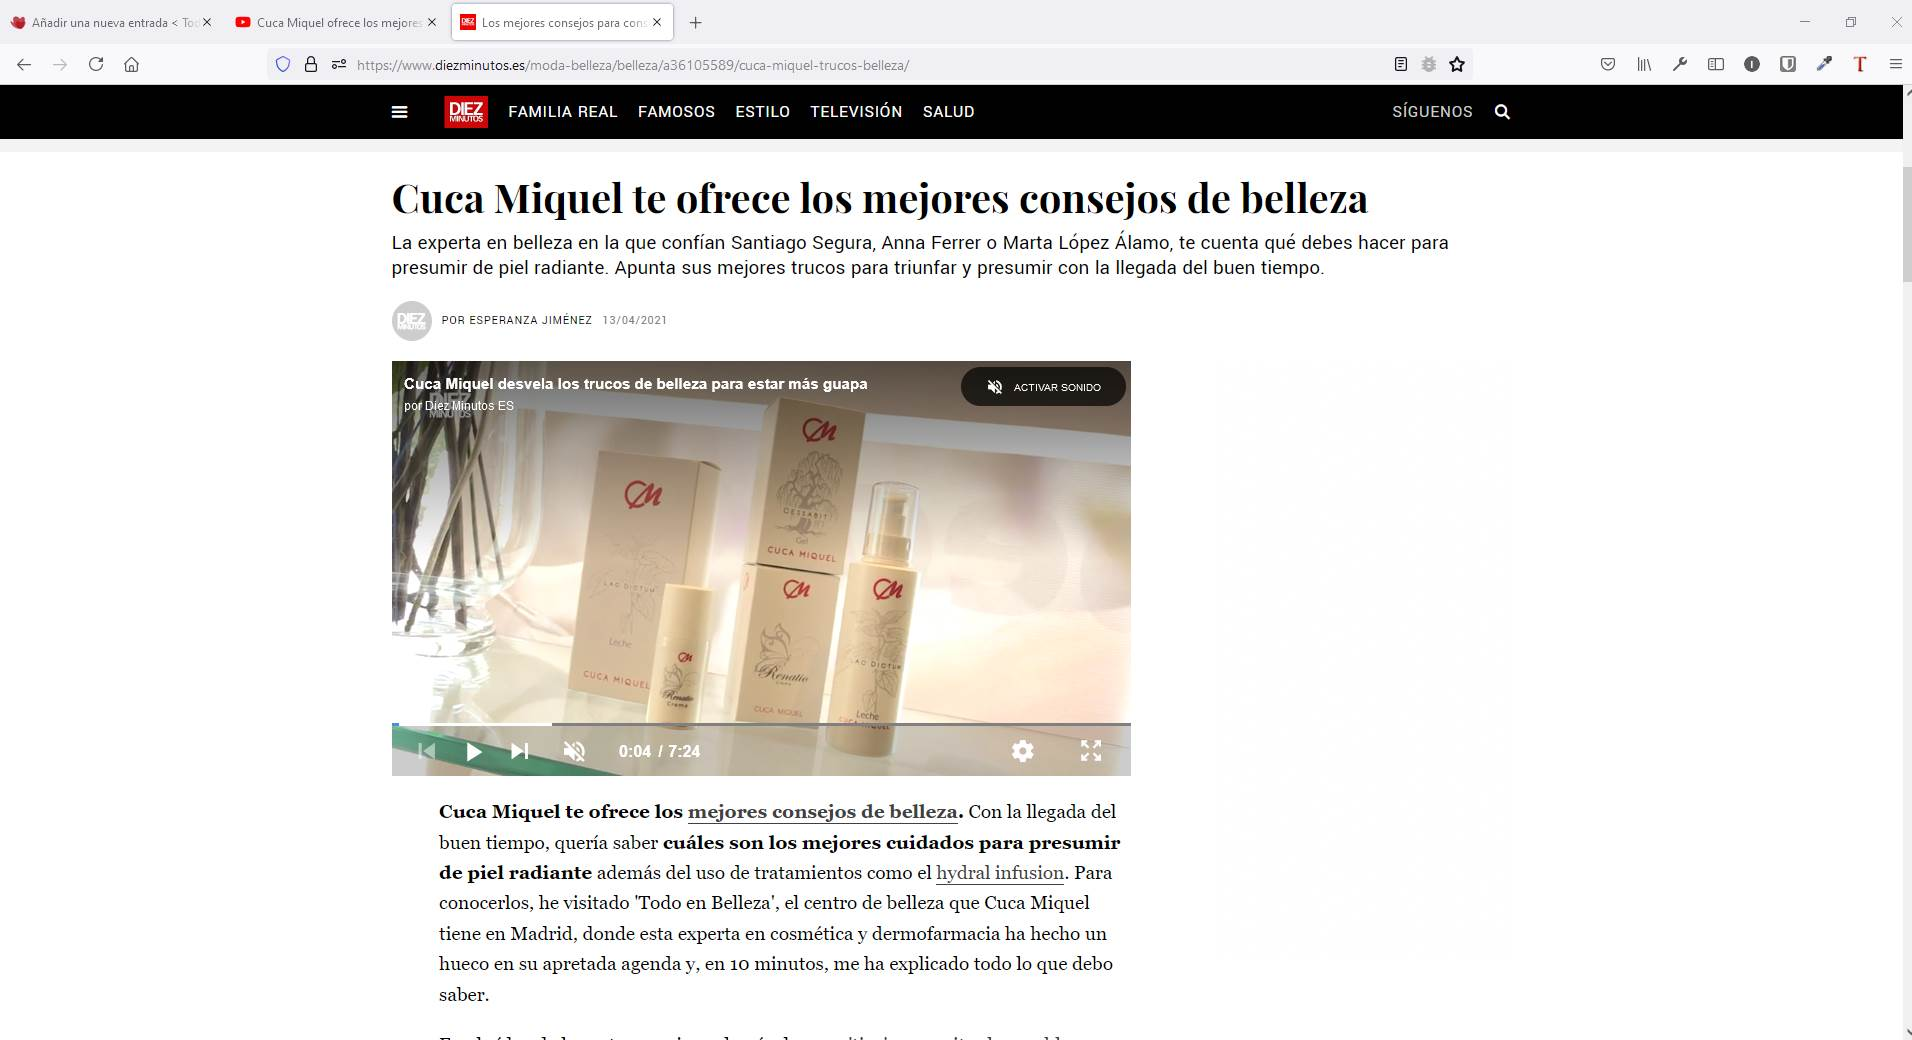 Cuca Miquel entrevistada por la Revista Diez Minutos en Todo en Belleza